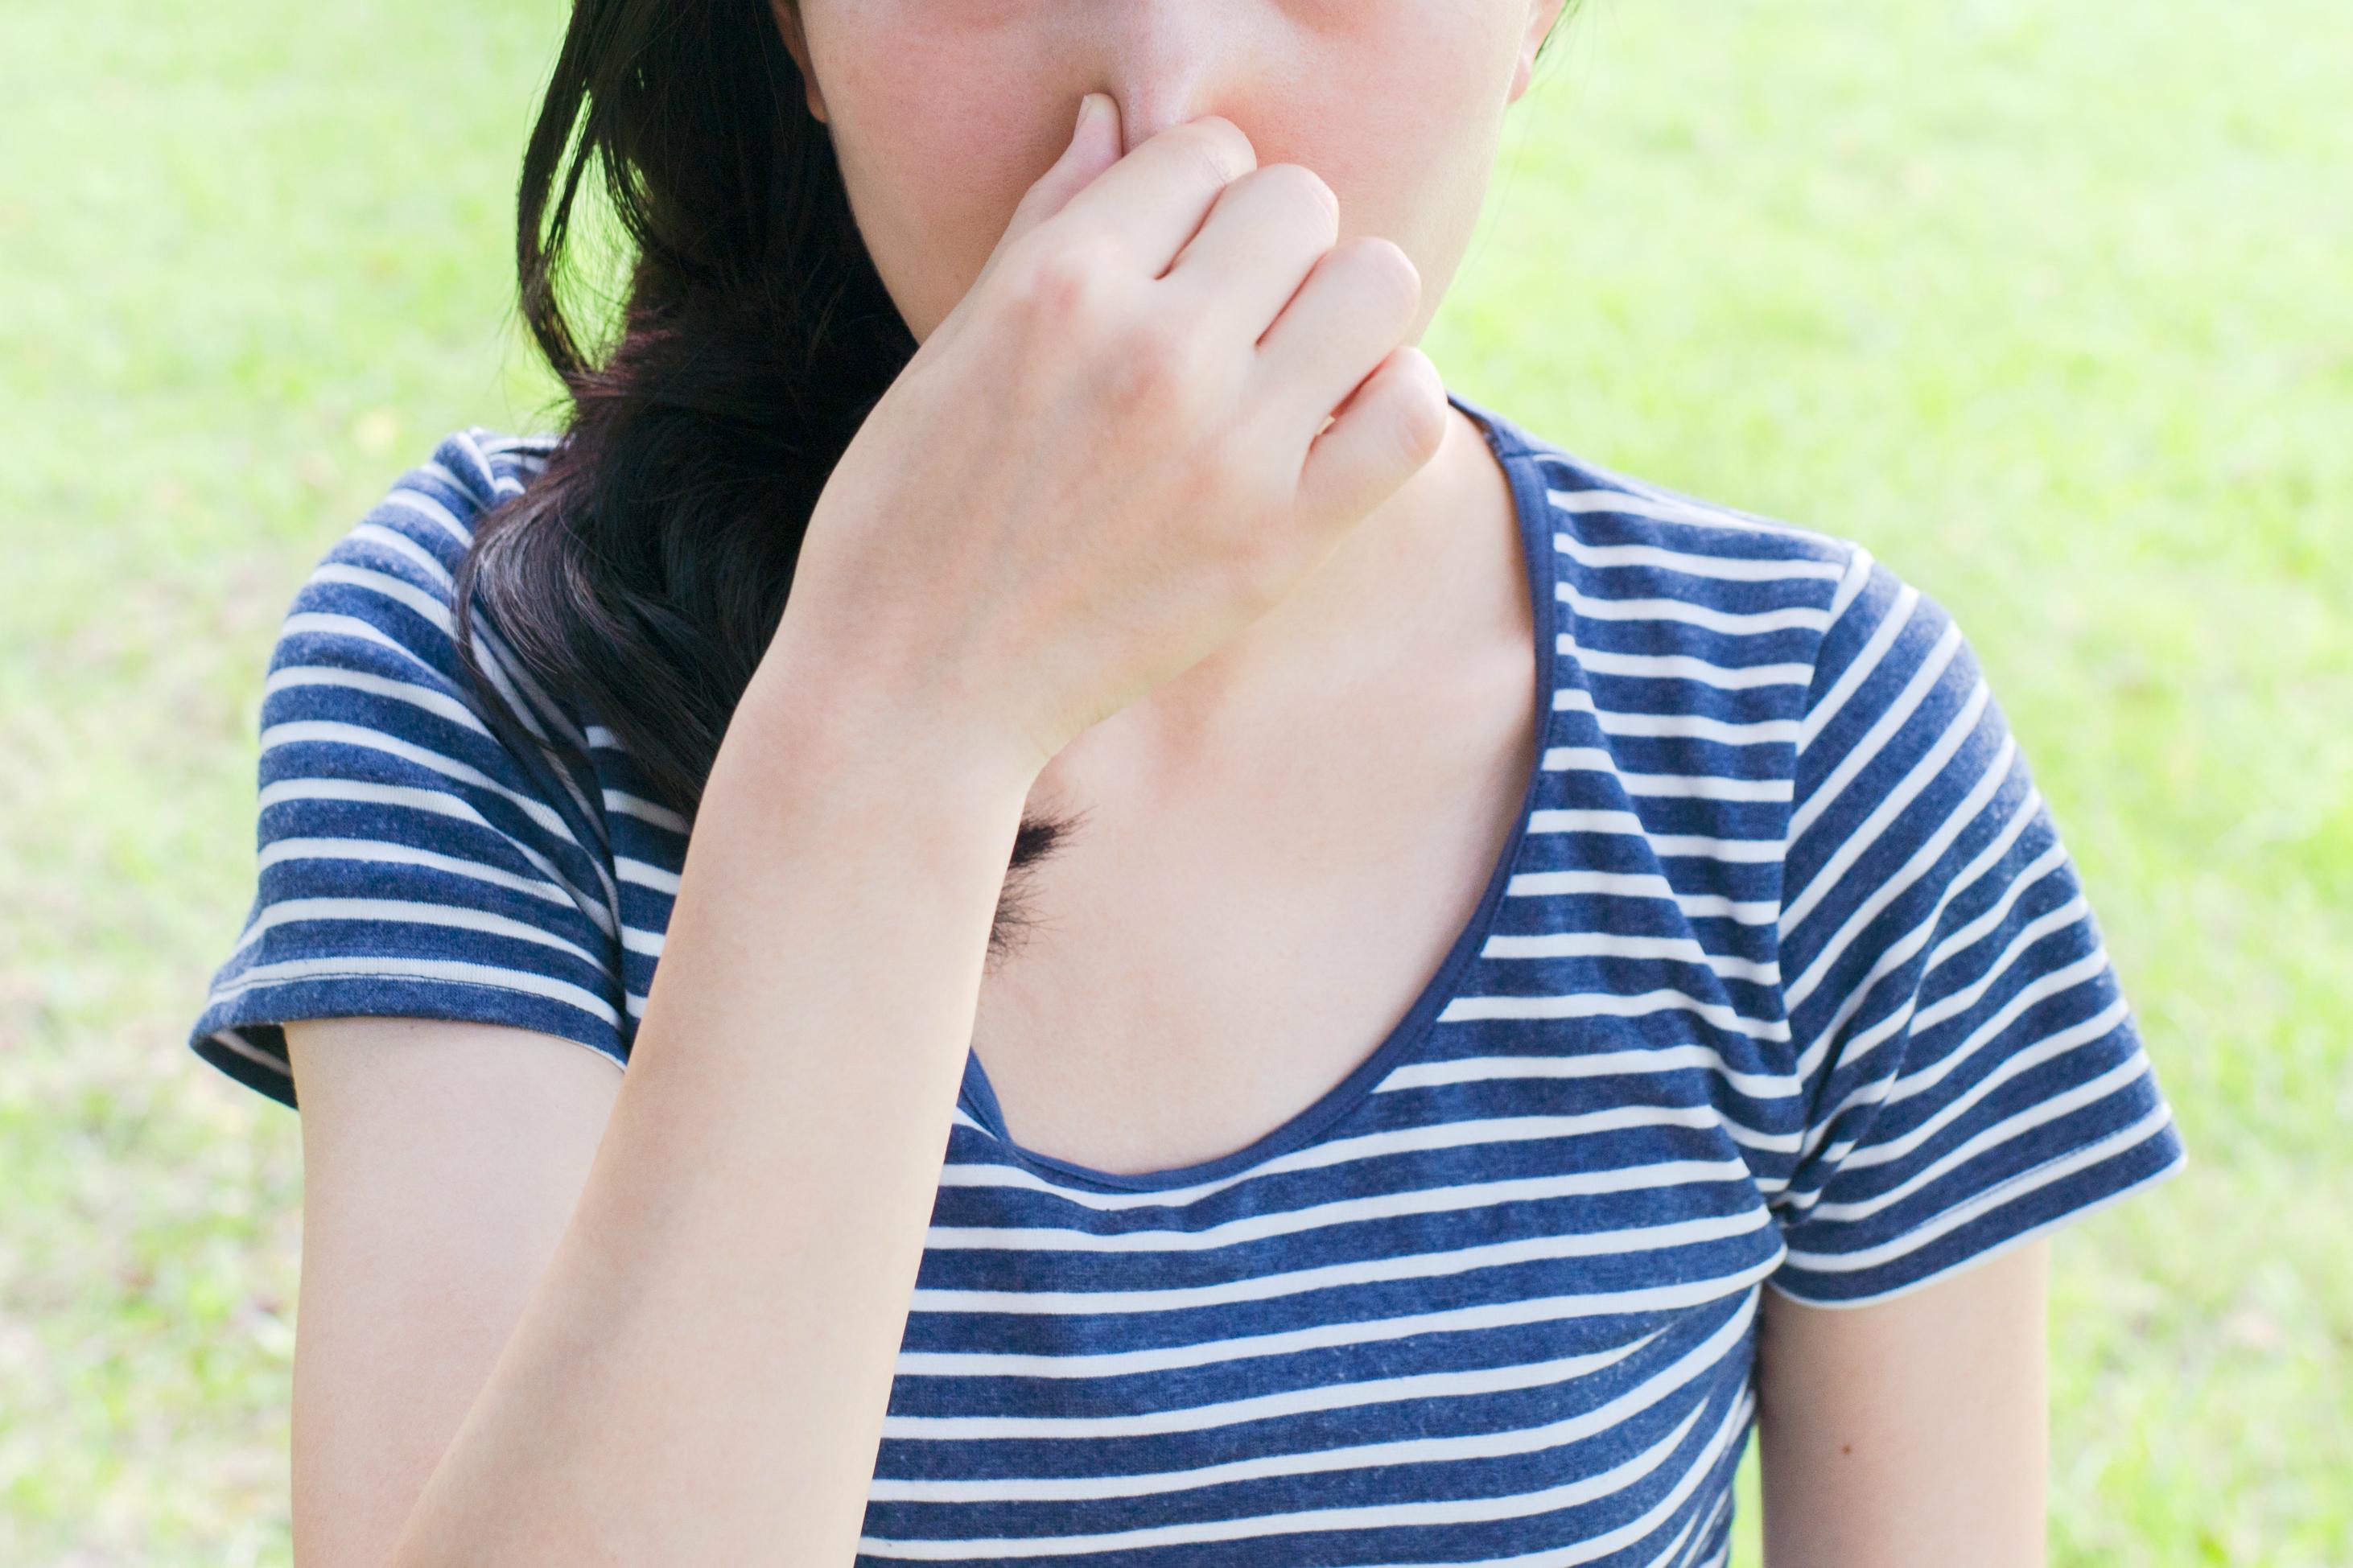 口臭予防の意外な盲点を突き止めろ!